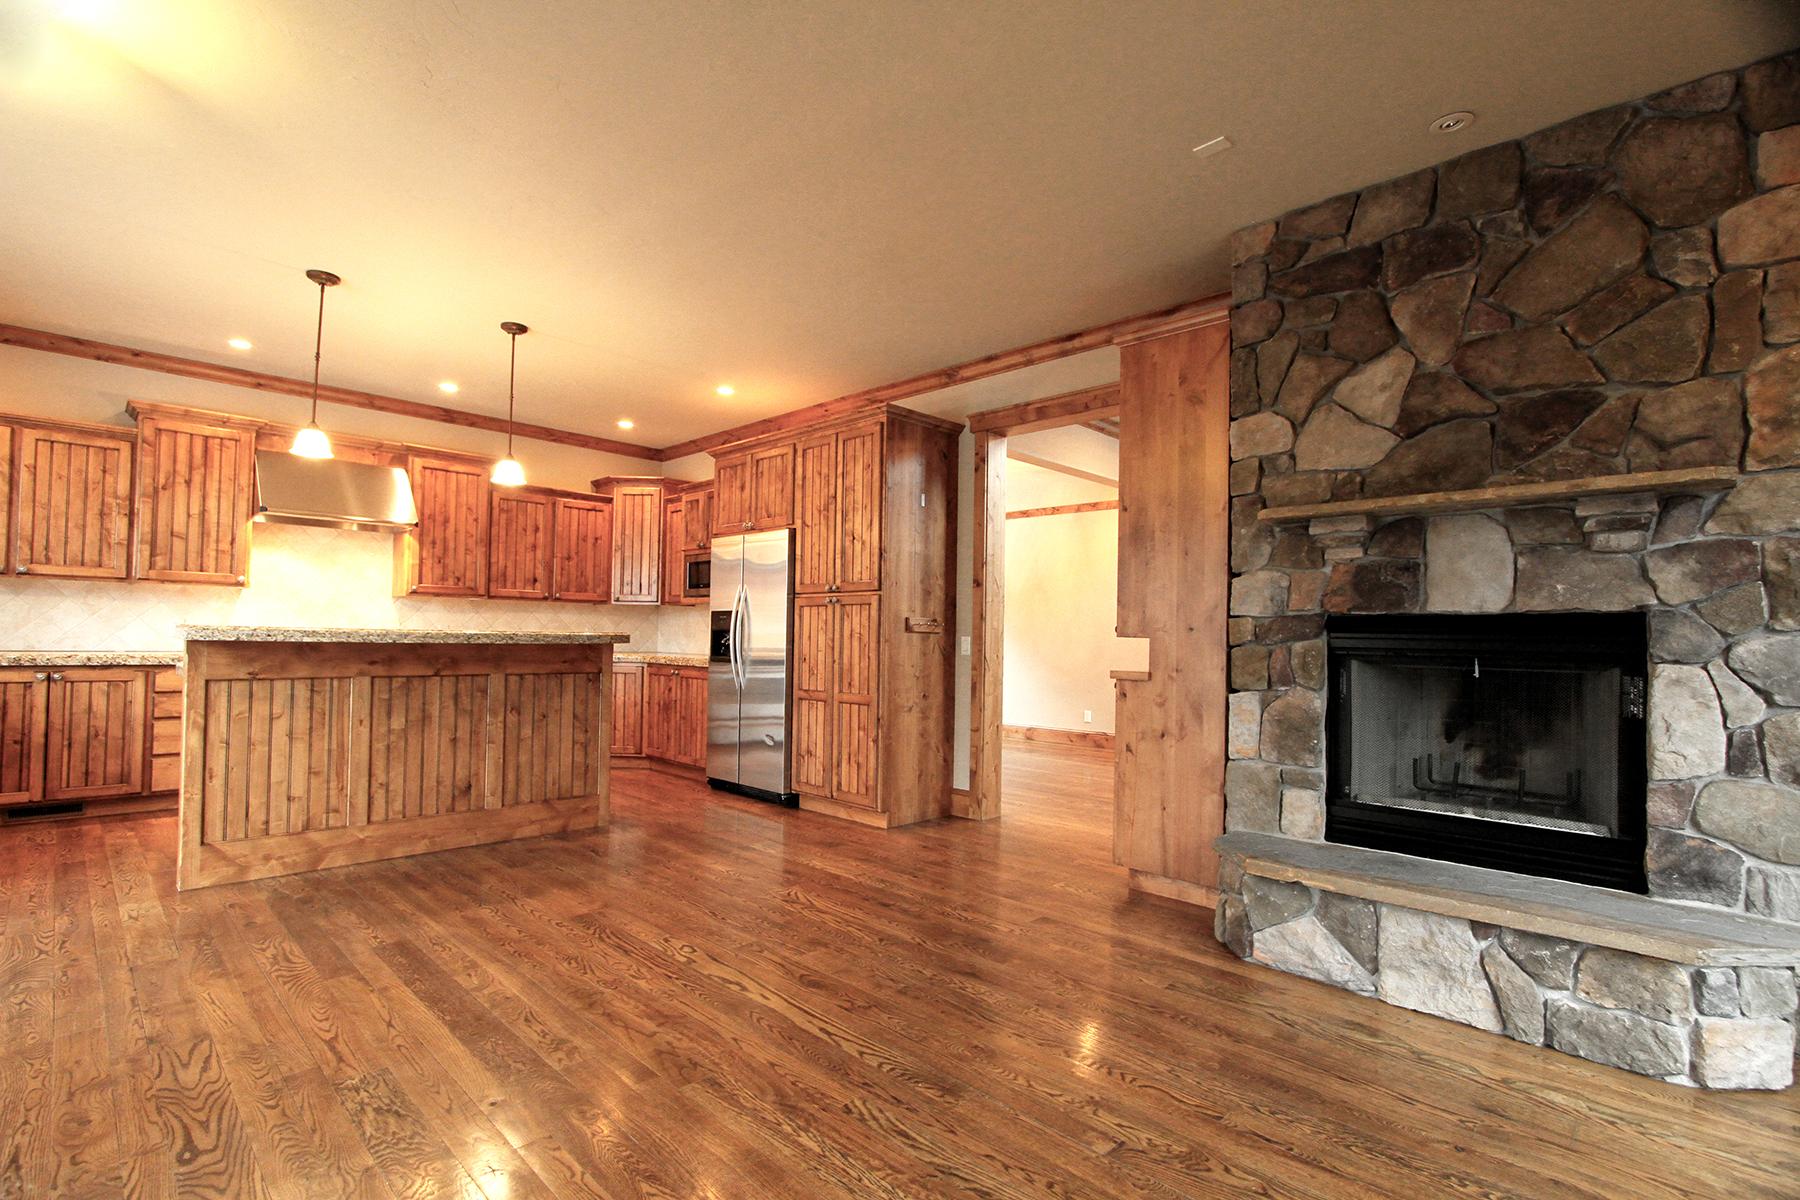 단독 가정 주택 용 매매 에 Gill Addition 285 MORAN,, Jackson, 와이오밍, 83001 Jackson Hole, 미국